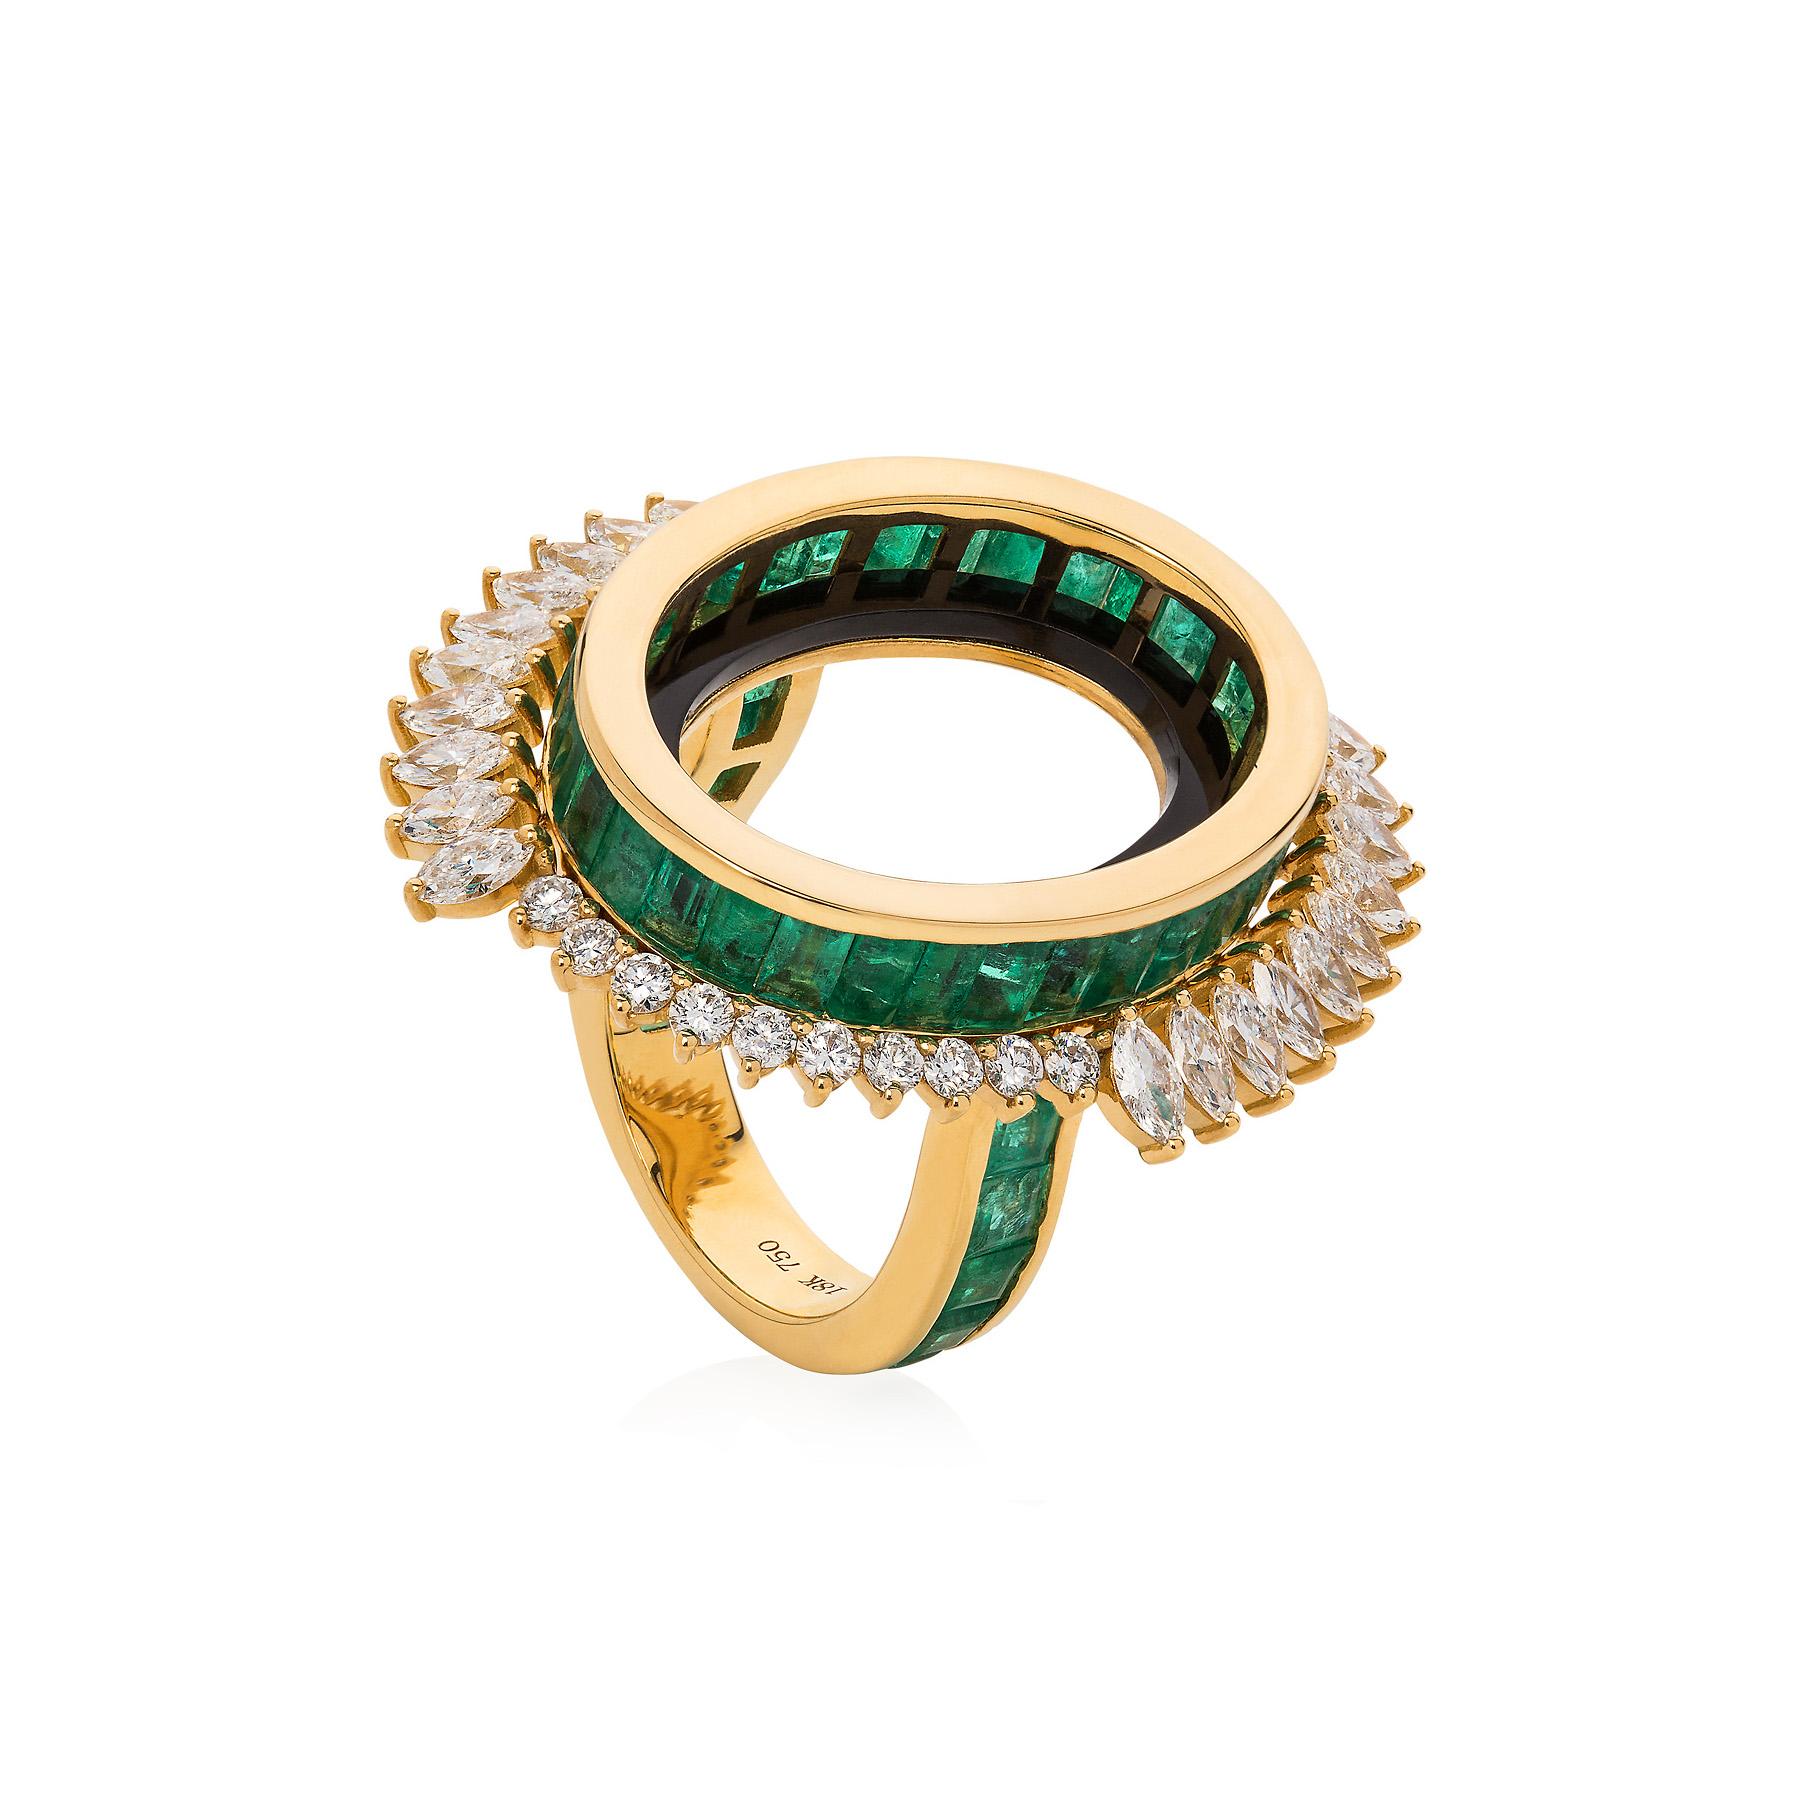 Leyla-Abdollahi-Ring-3a-amended(1).jpg